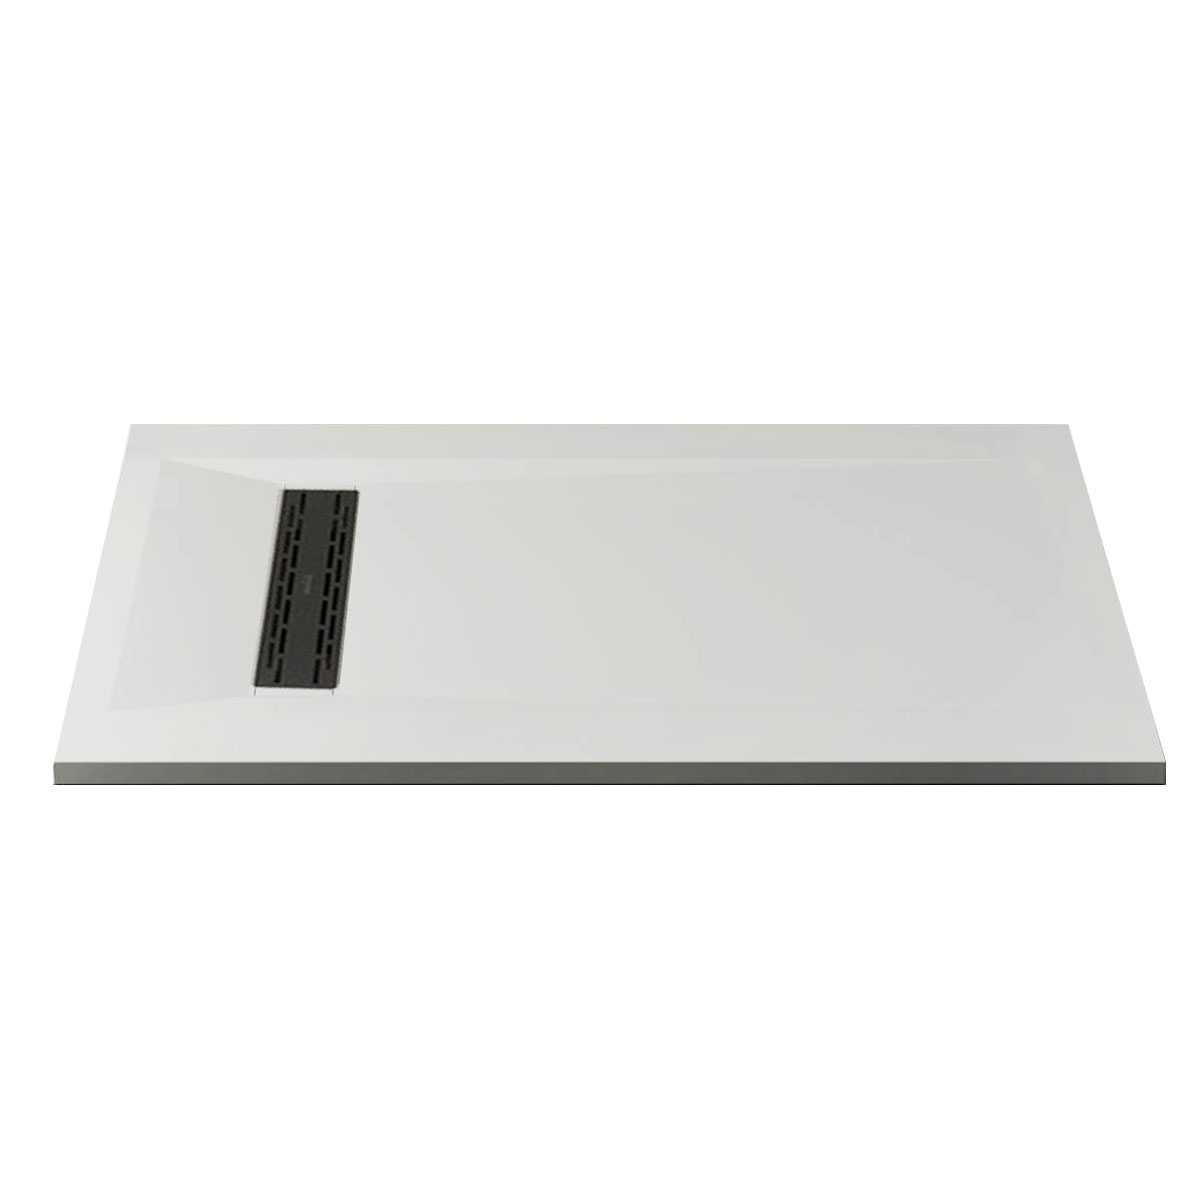 Piatto Doccia Riverside filo pavimento 80x90 h 3 cm colorato opaco in luxolid